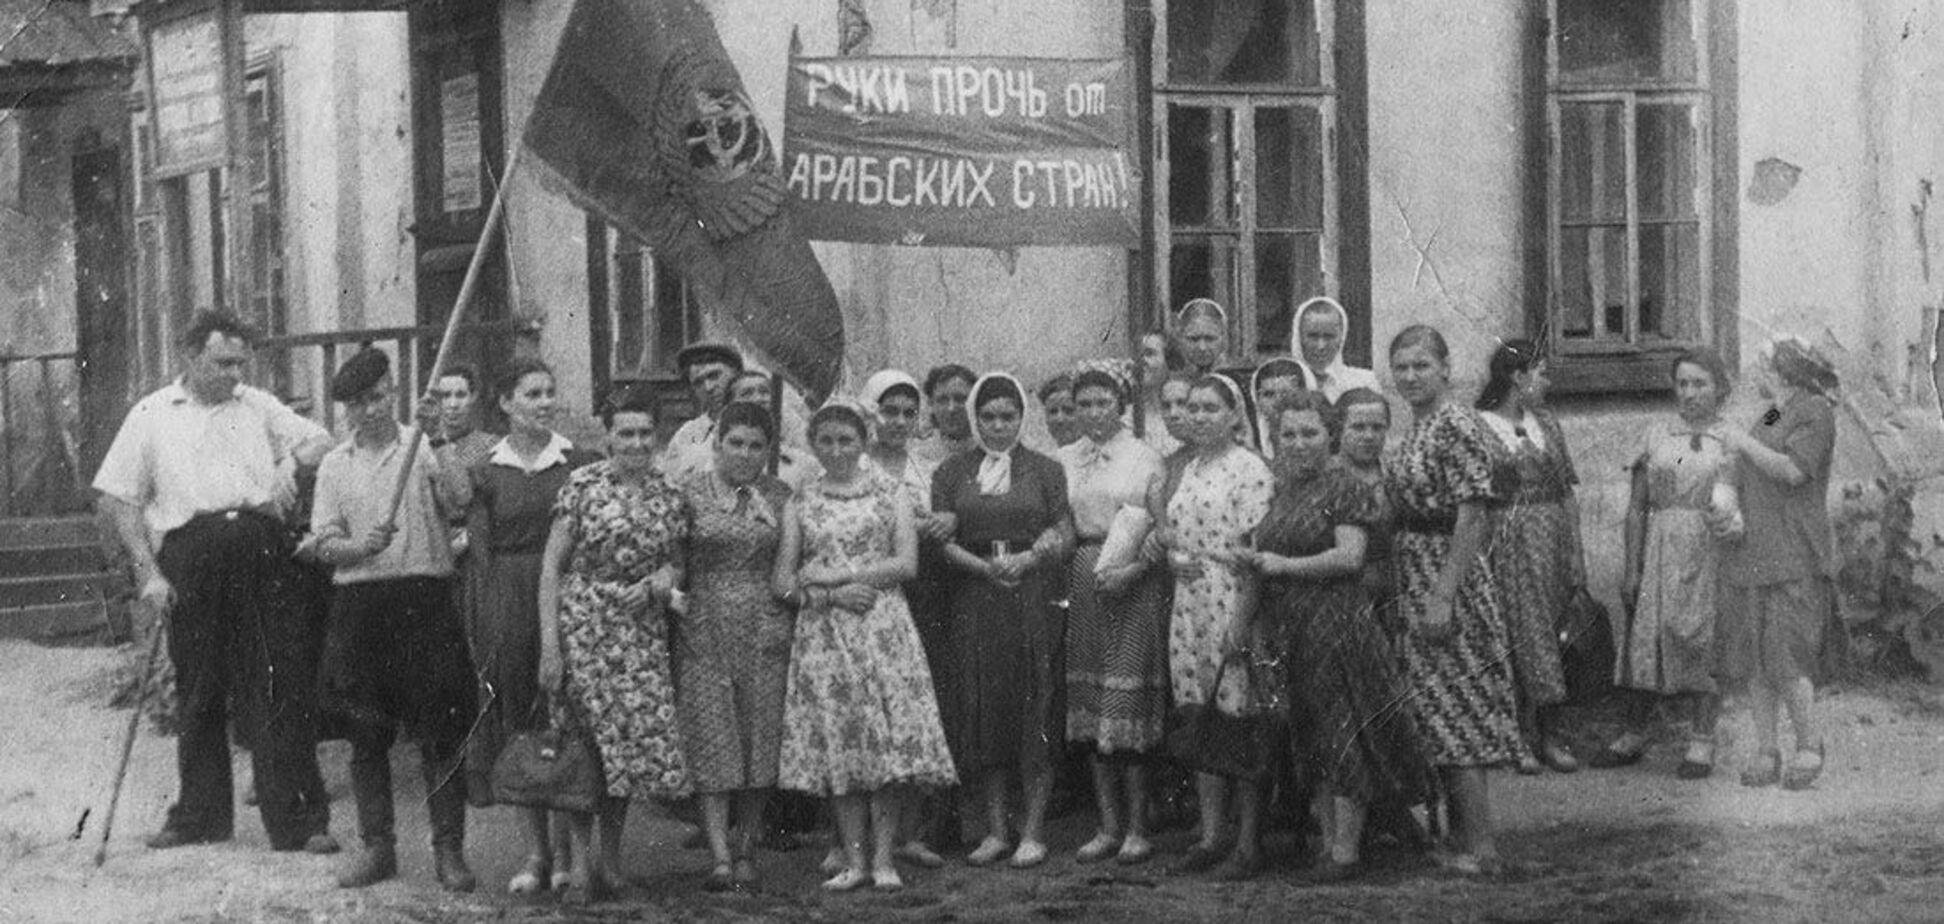 Письмо из СССР для далеких потомков: как видели будущее советские люди